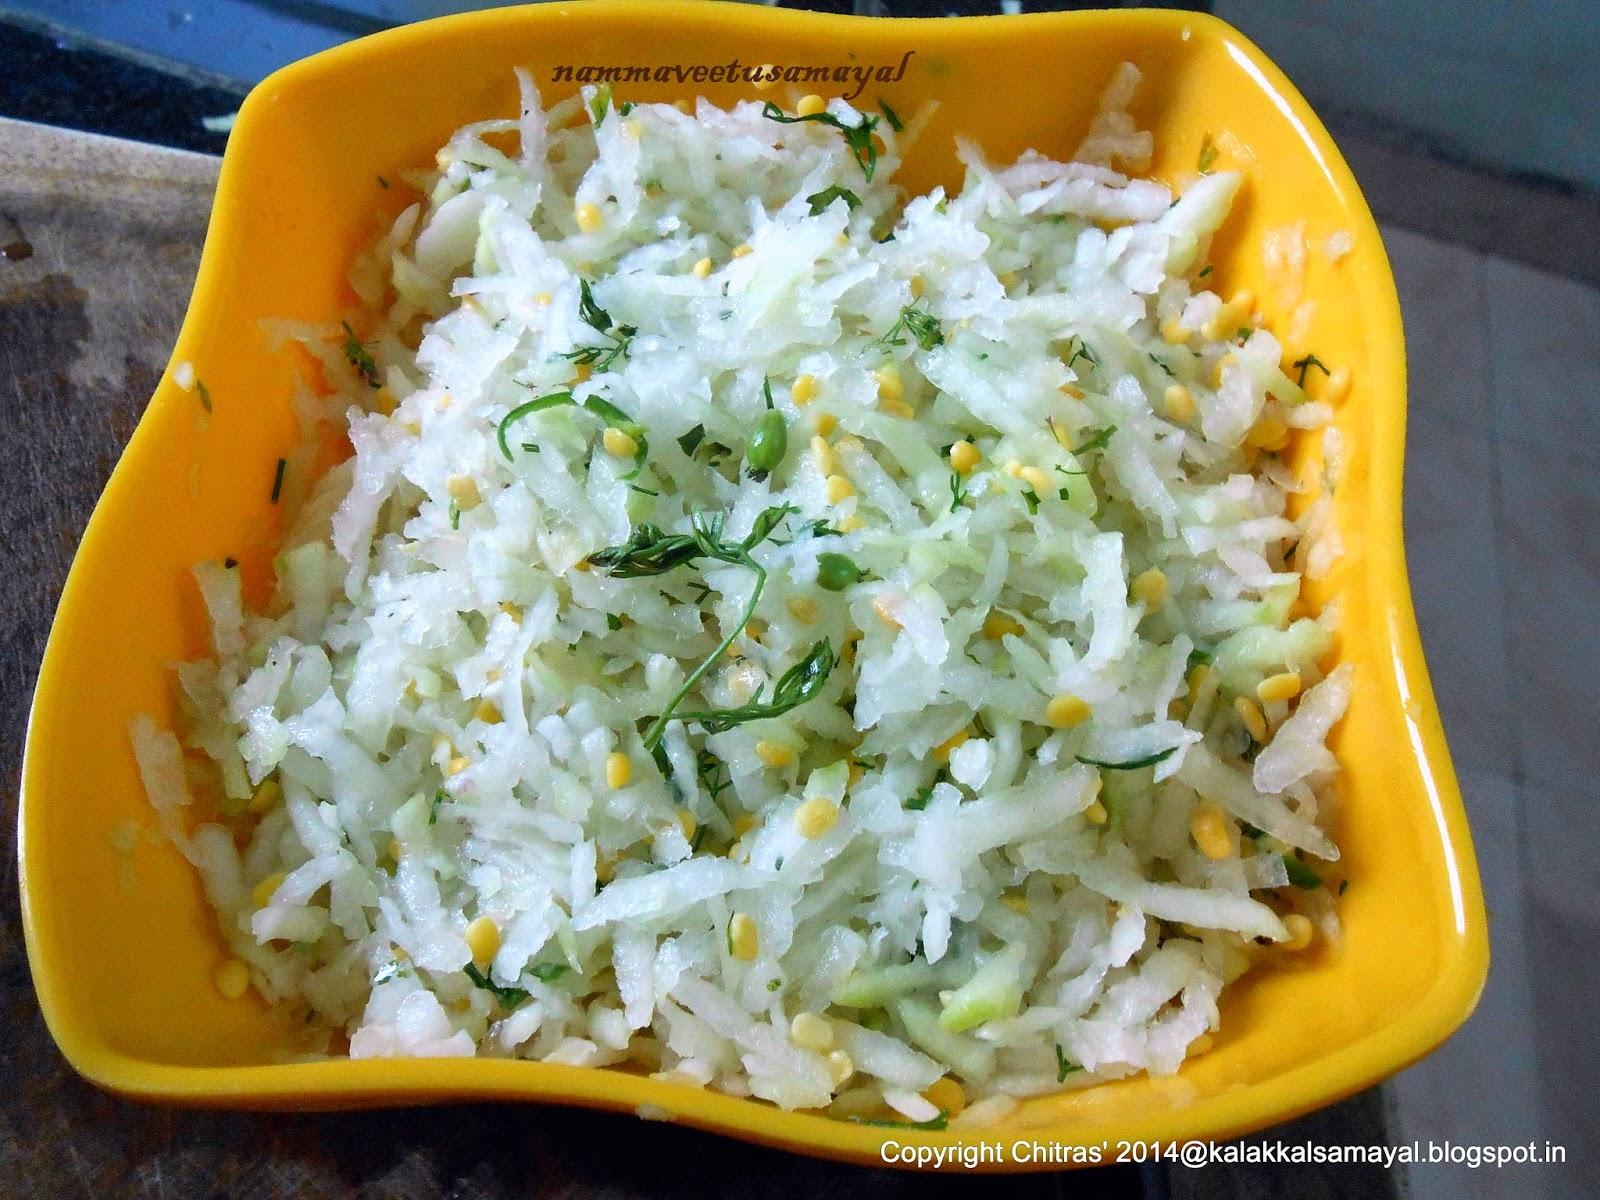 Papaya Radish Lentil Salad